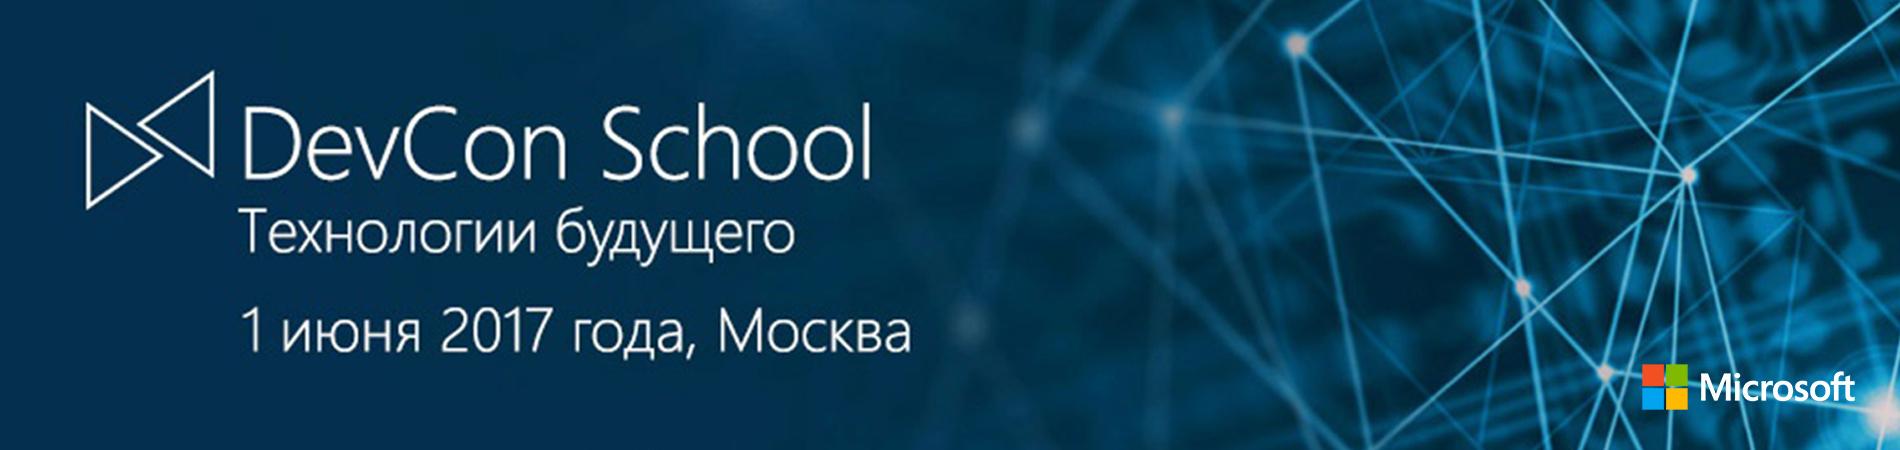 Как пропатчить KDE под FreeBSD или, что ждать от мастер-классов на DevCon School 1 июня